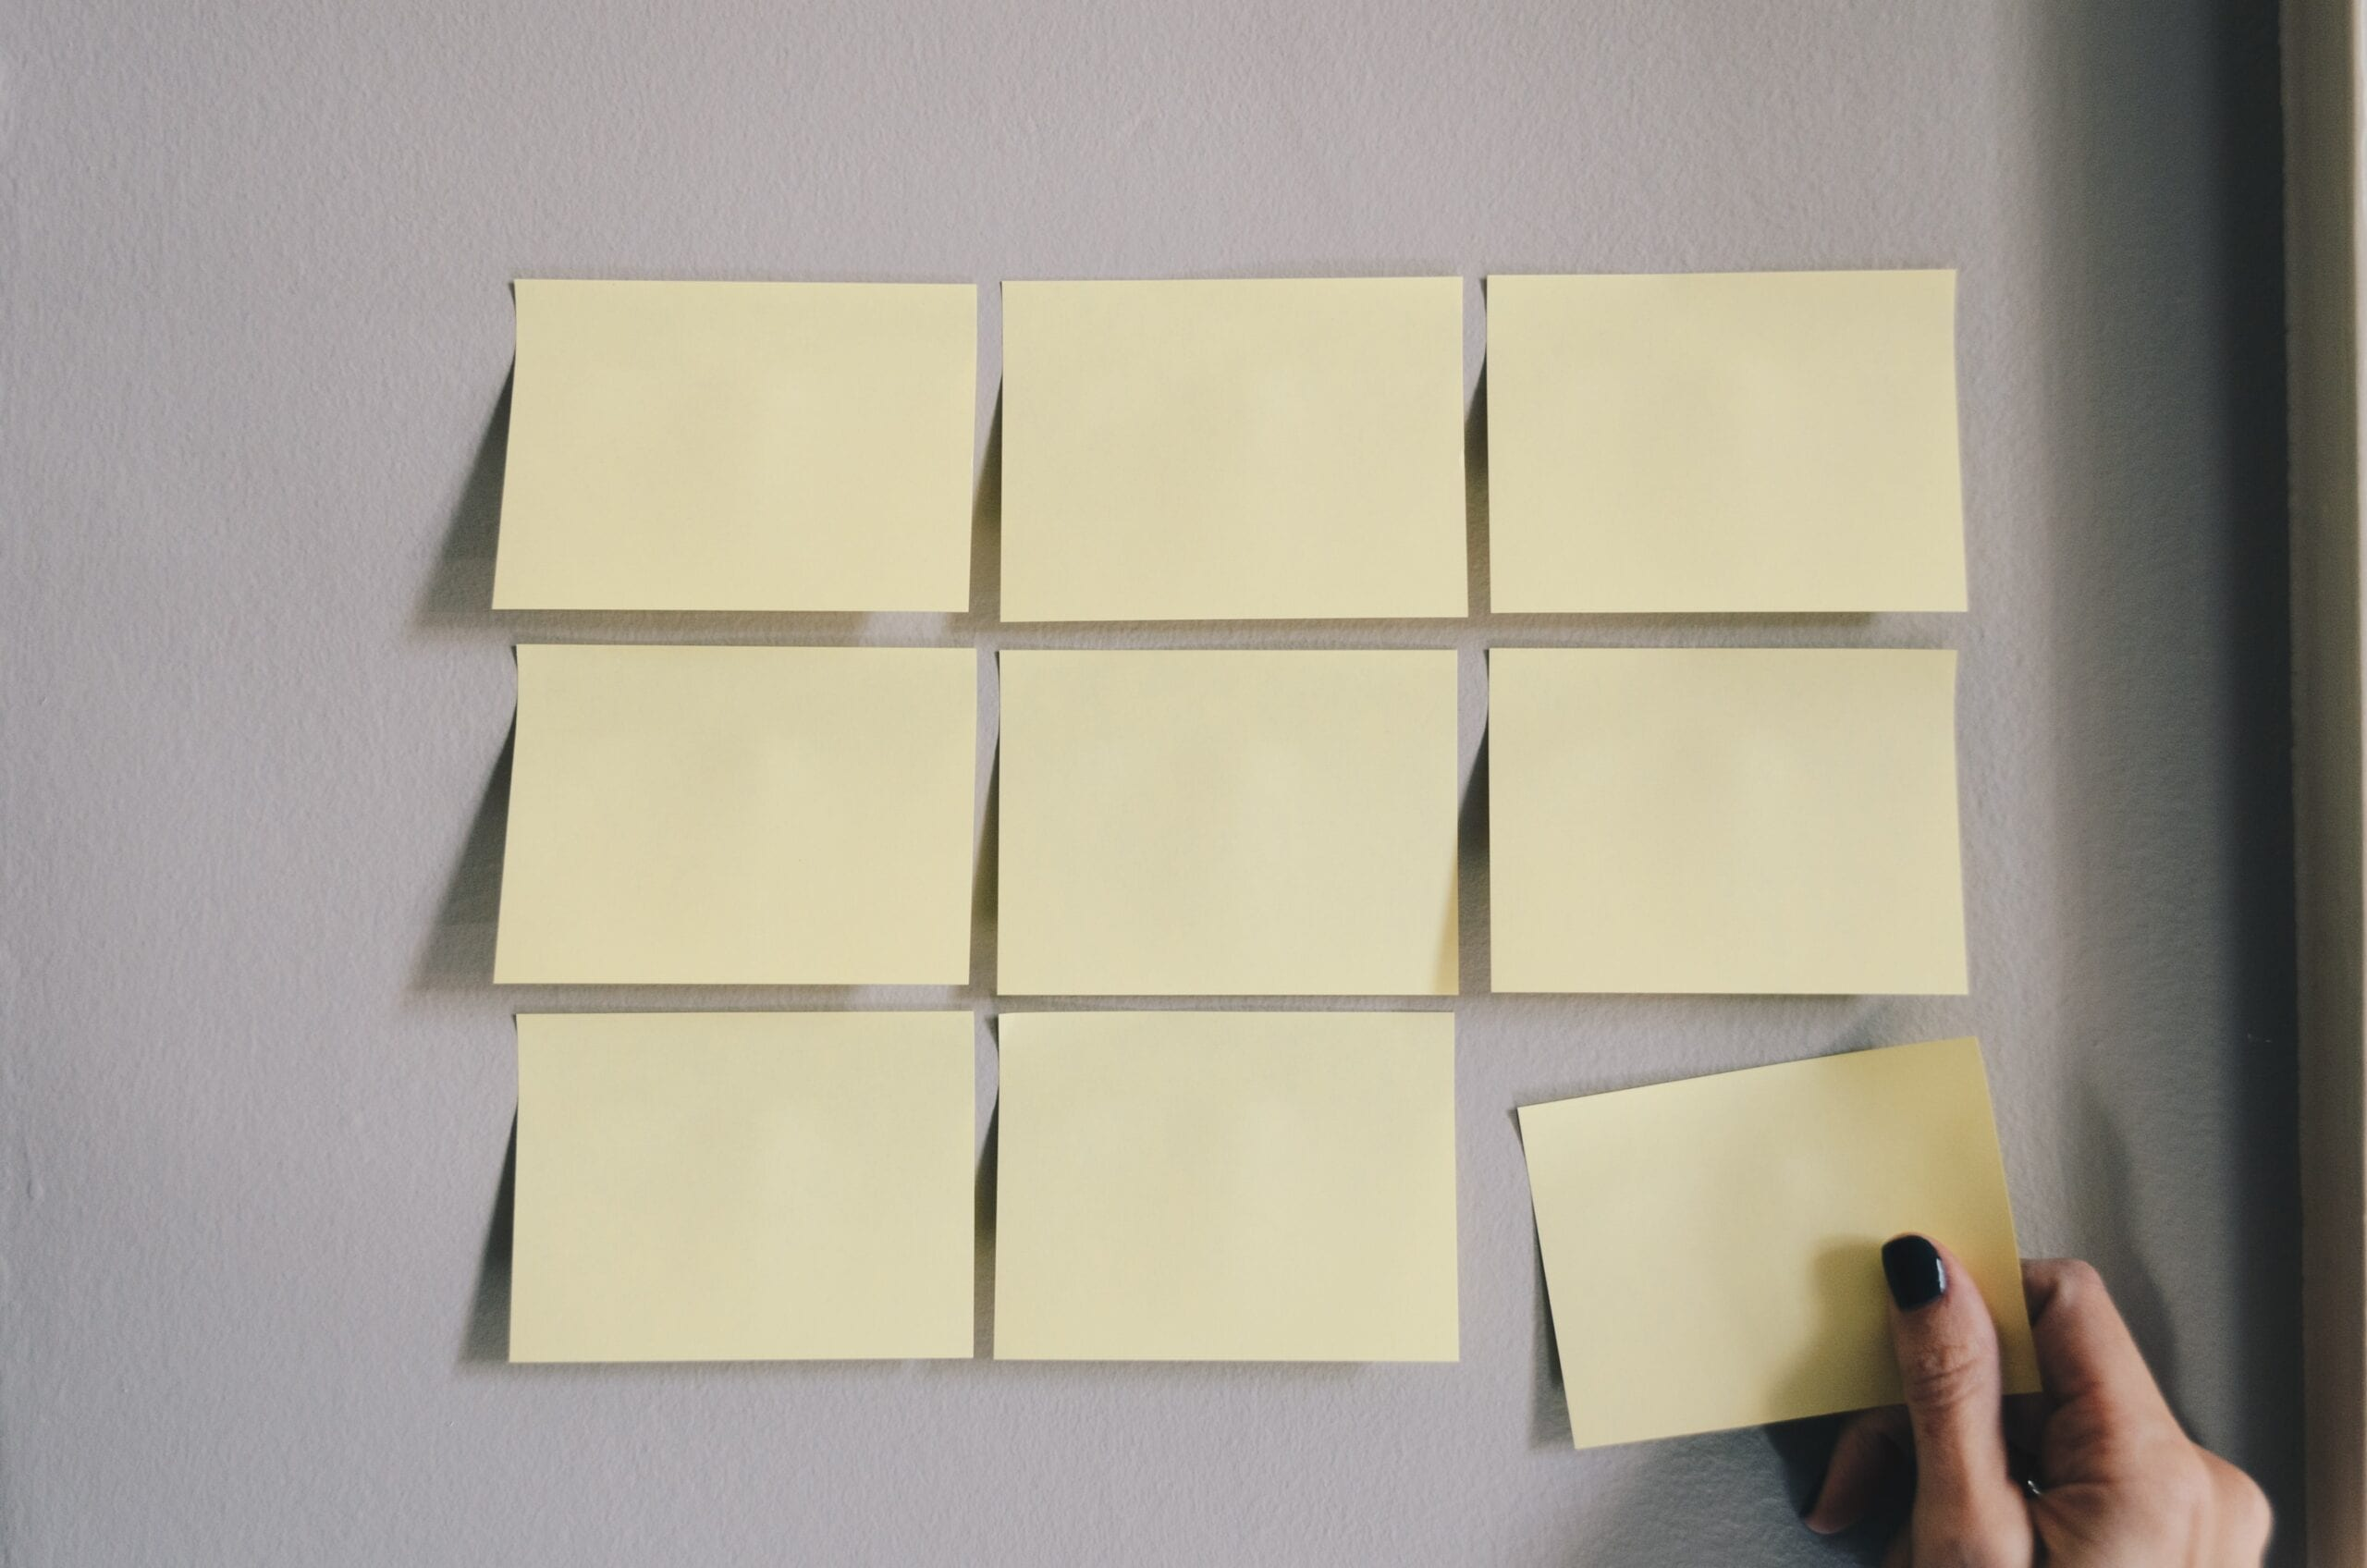 six white sticky notes